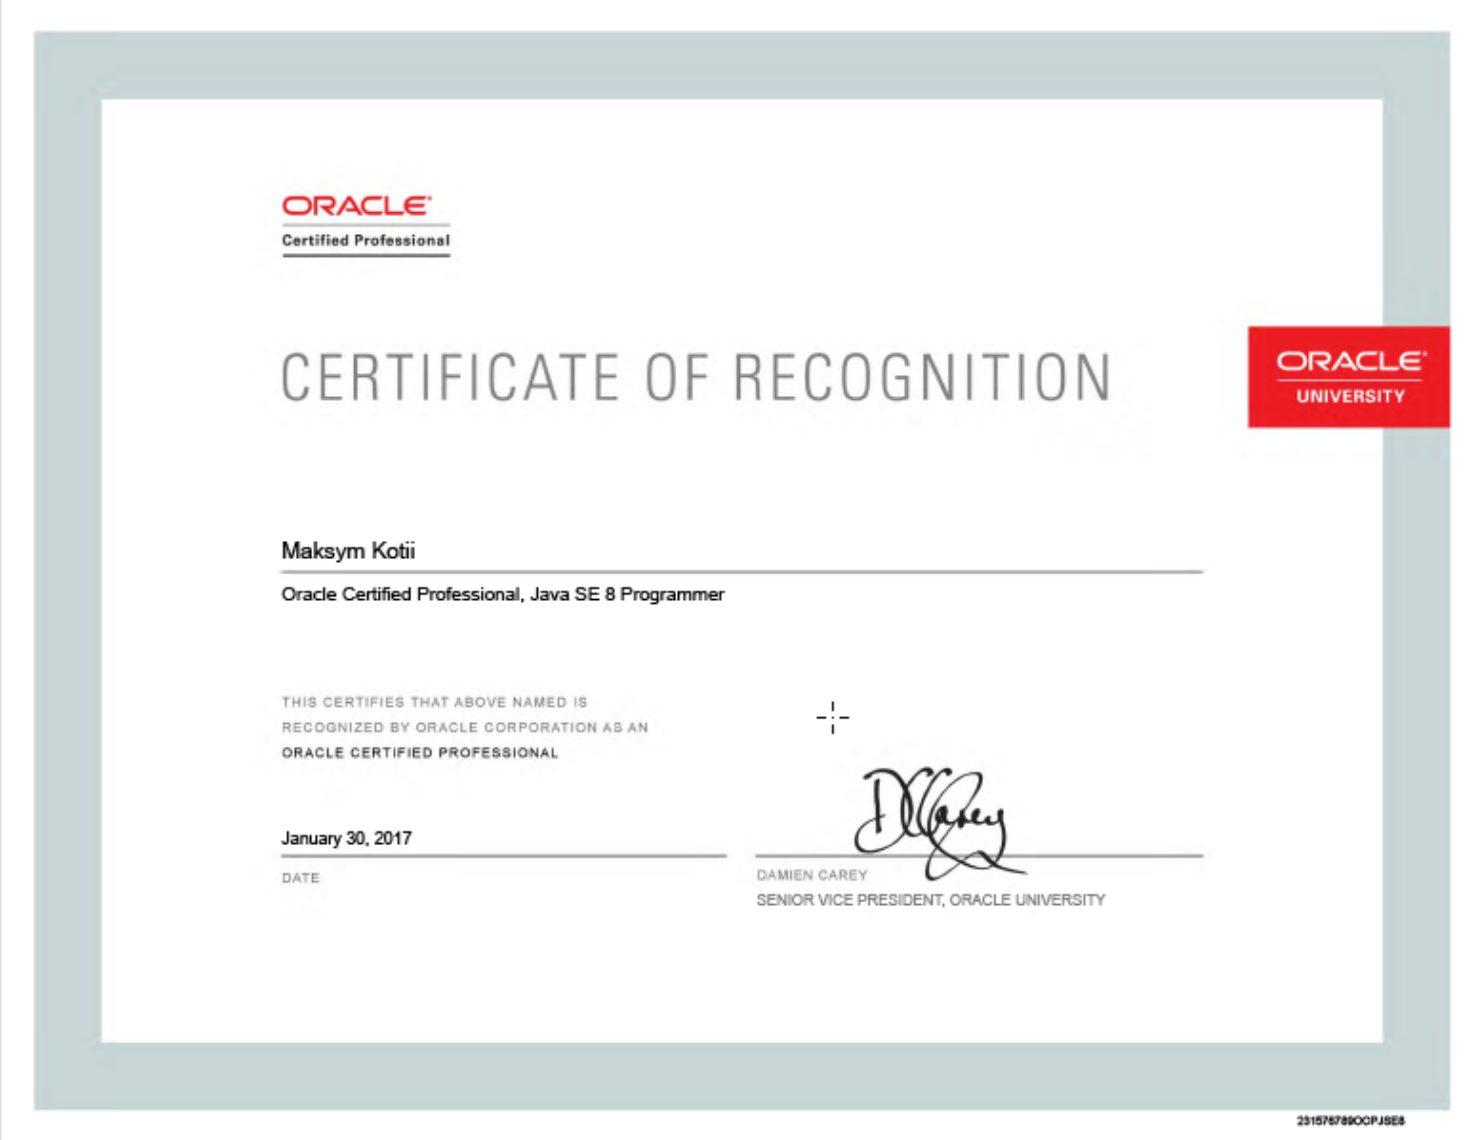 Статьи: Как подготовиться к сдаче экзамена Oracle Certified Professional Java SE 8 Programmer. Большинство западны